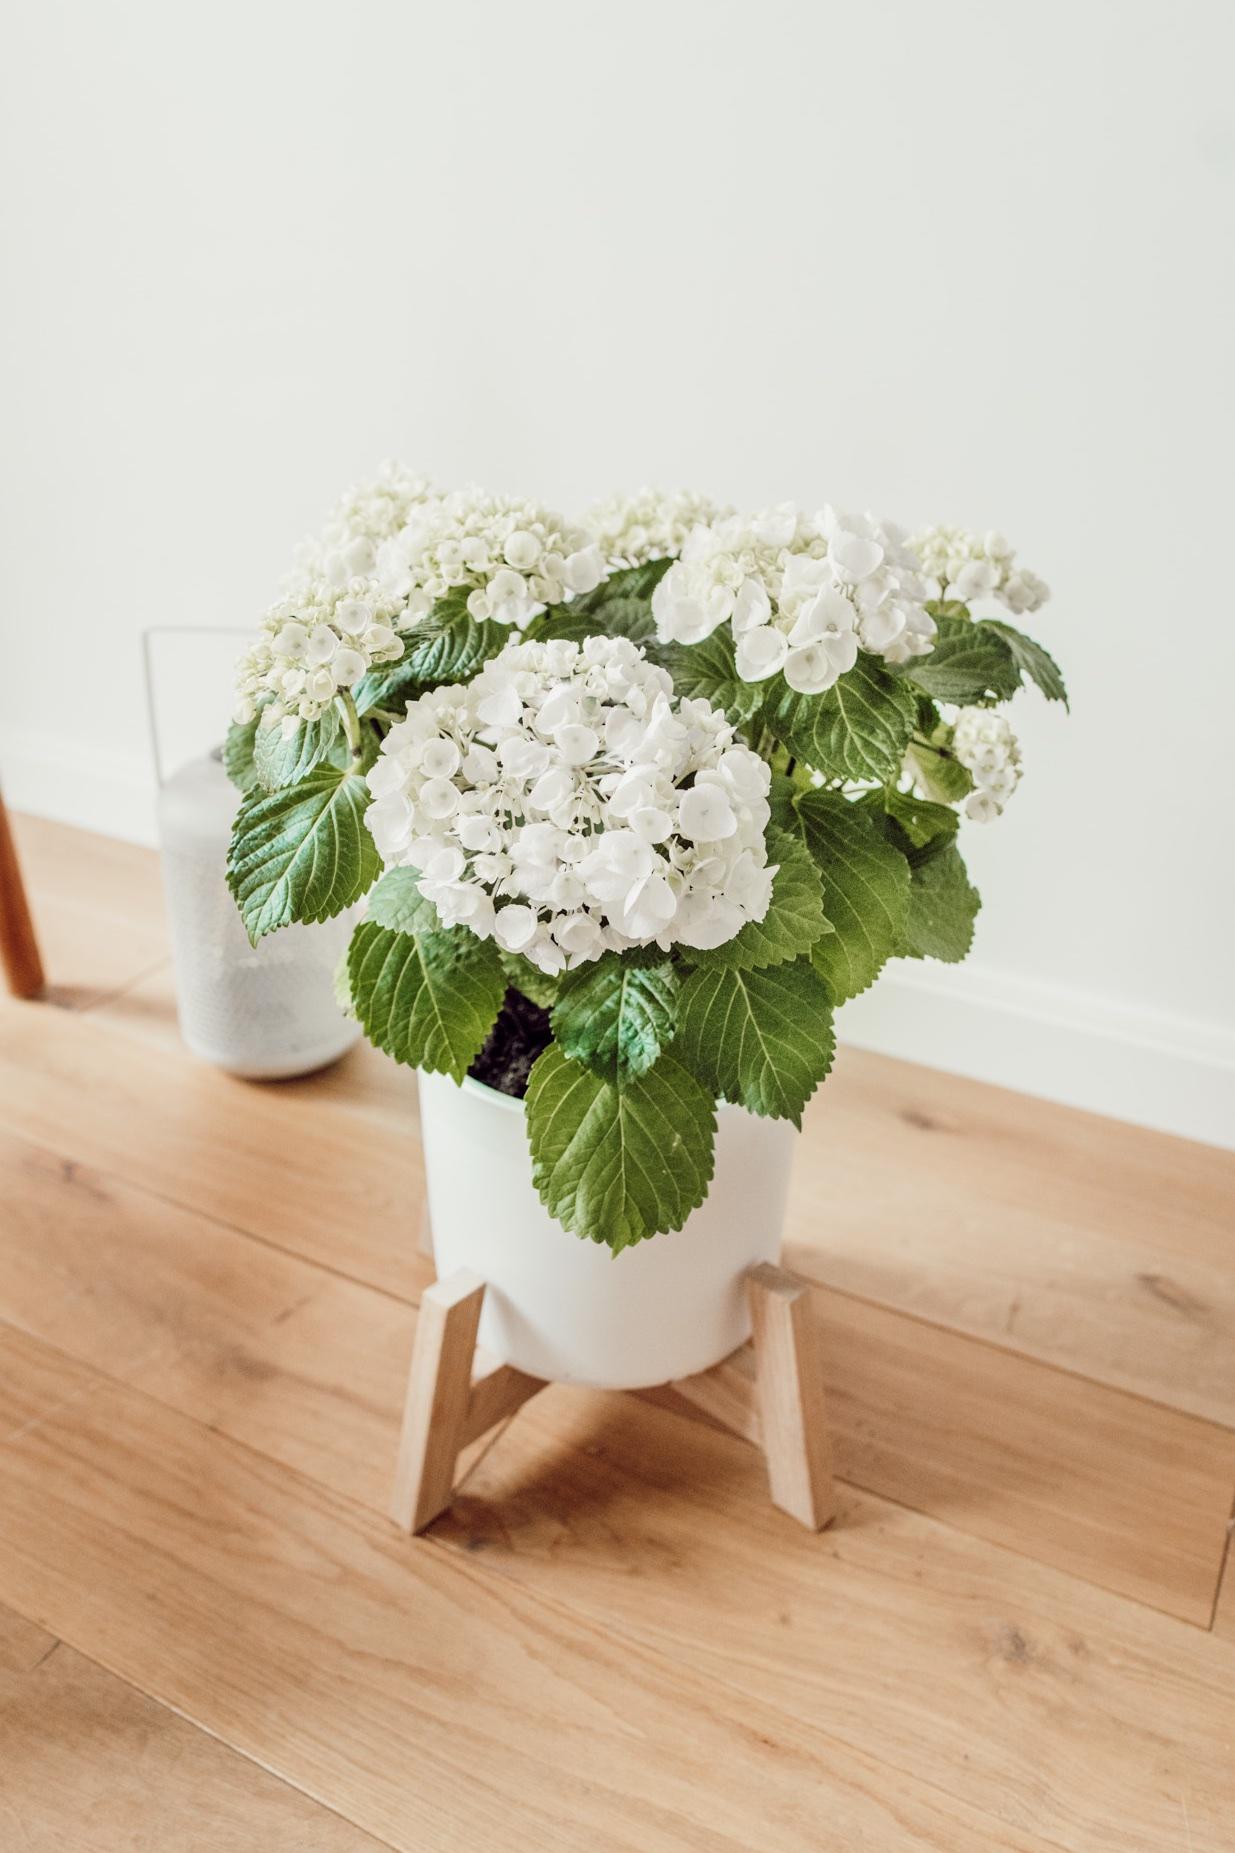 Plantenstandaard DIY zelf maken a cup of life (2)